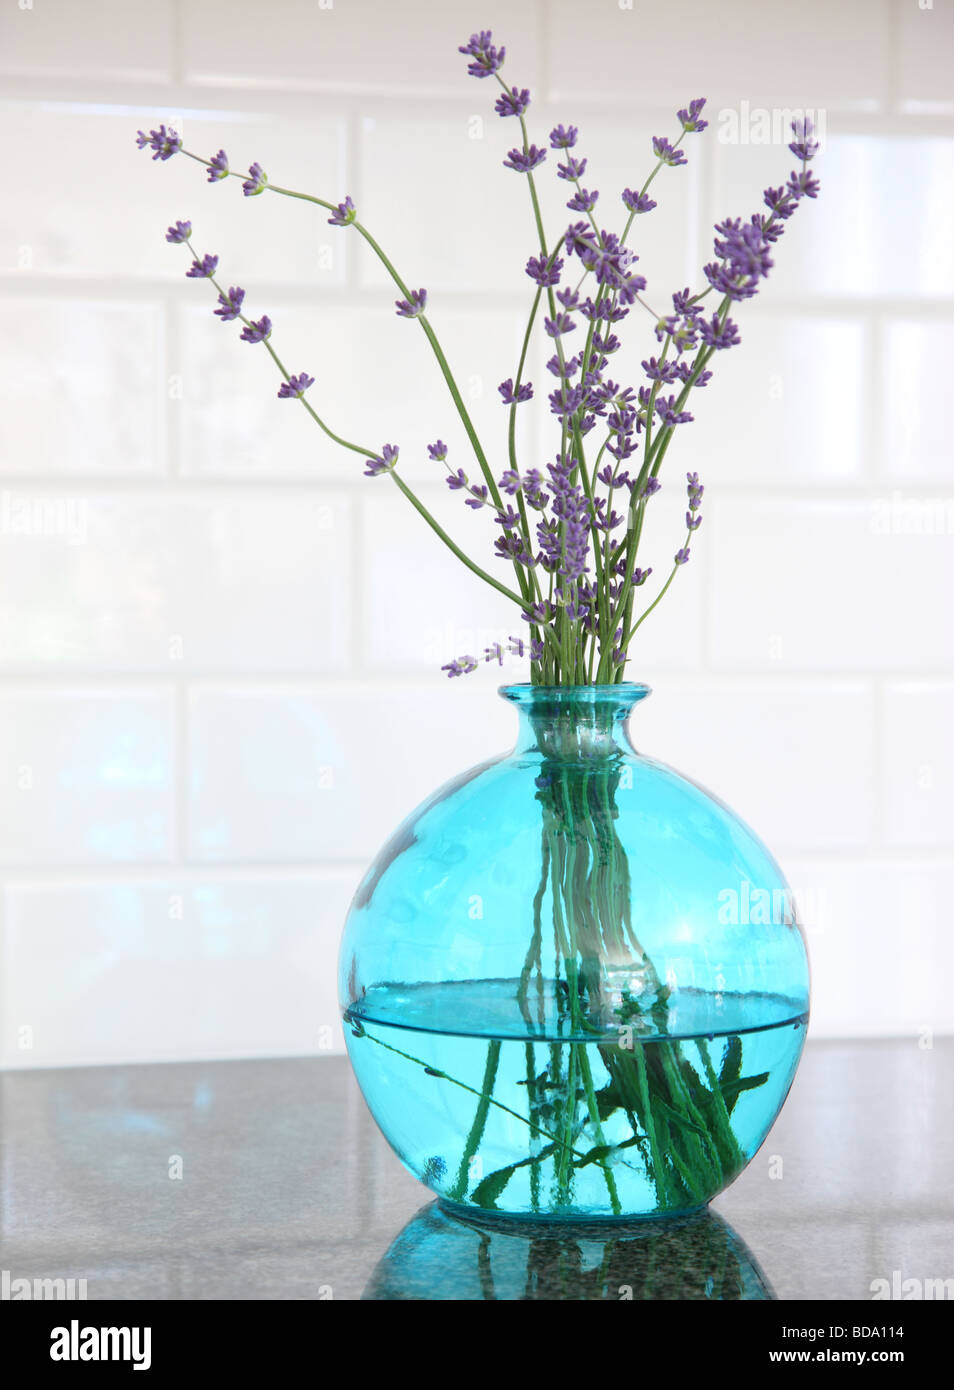 Lavender in blue glass vase - Stock Image